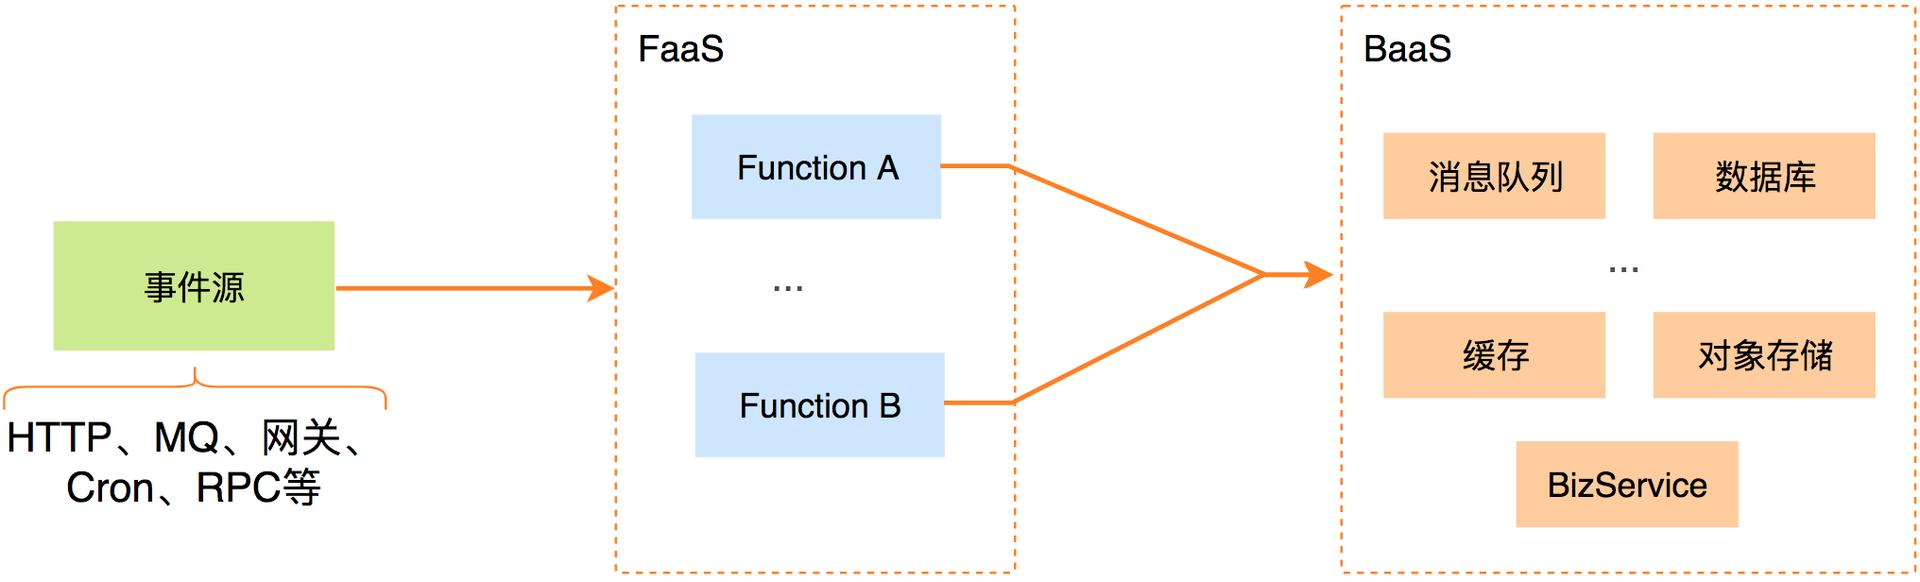 图1 FaaS架构图